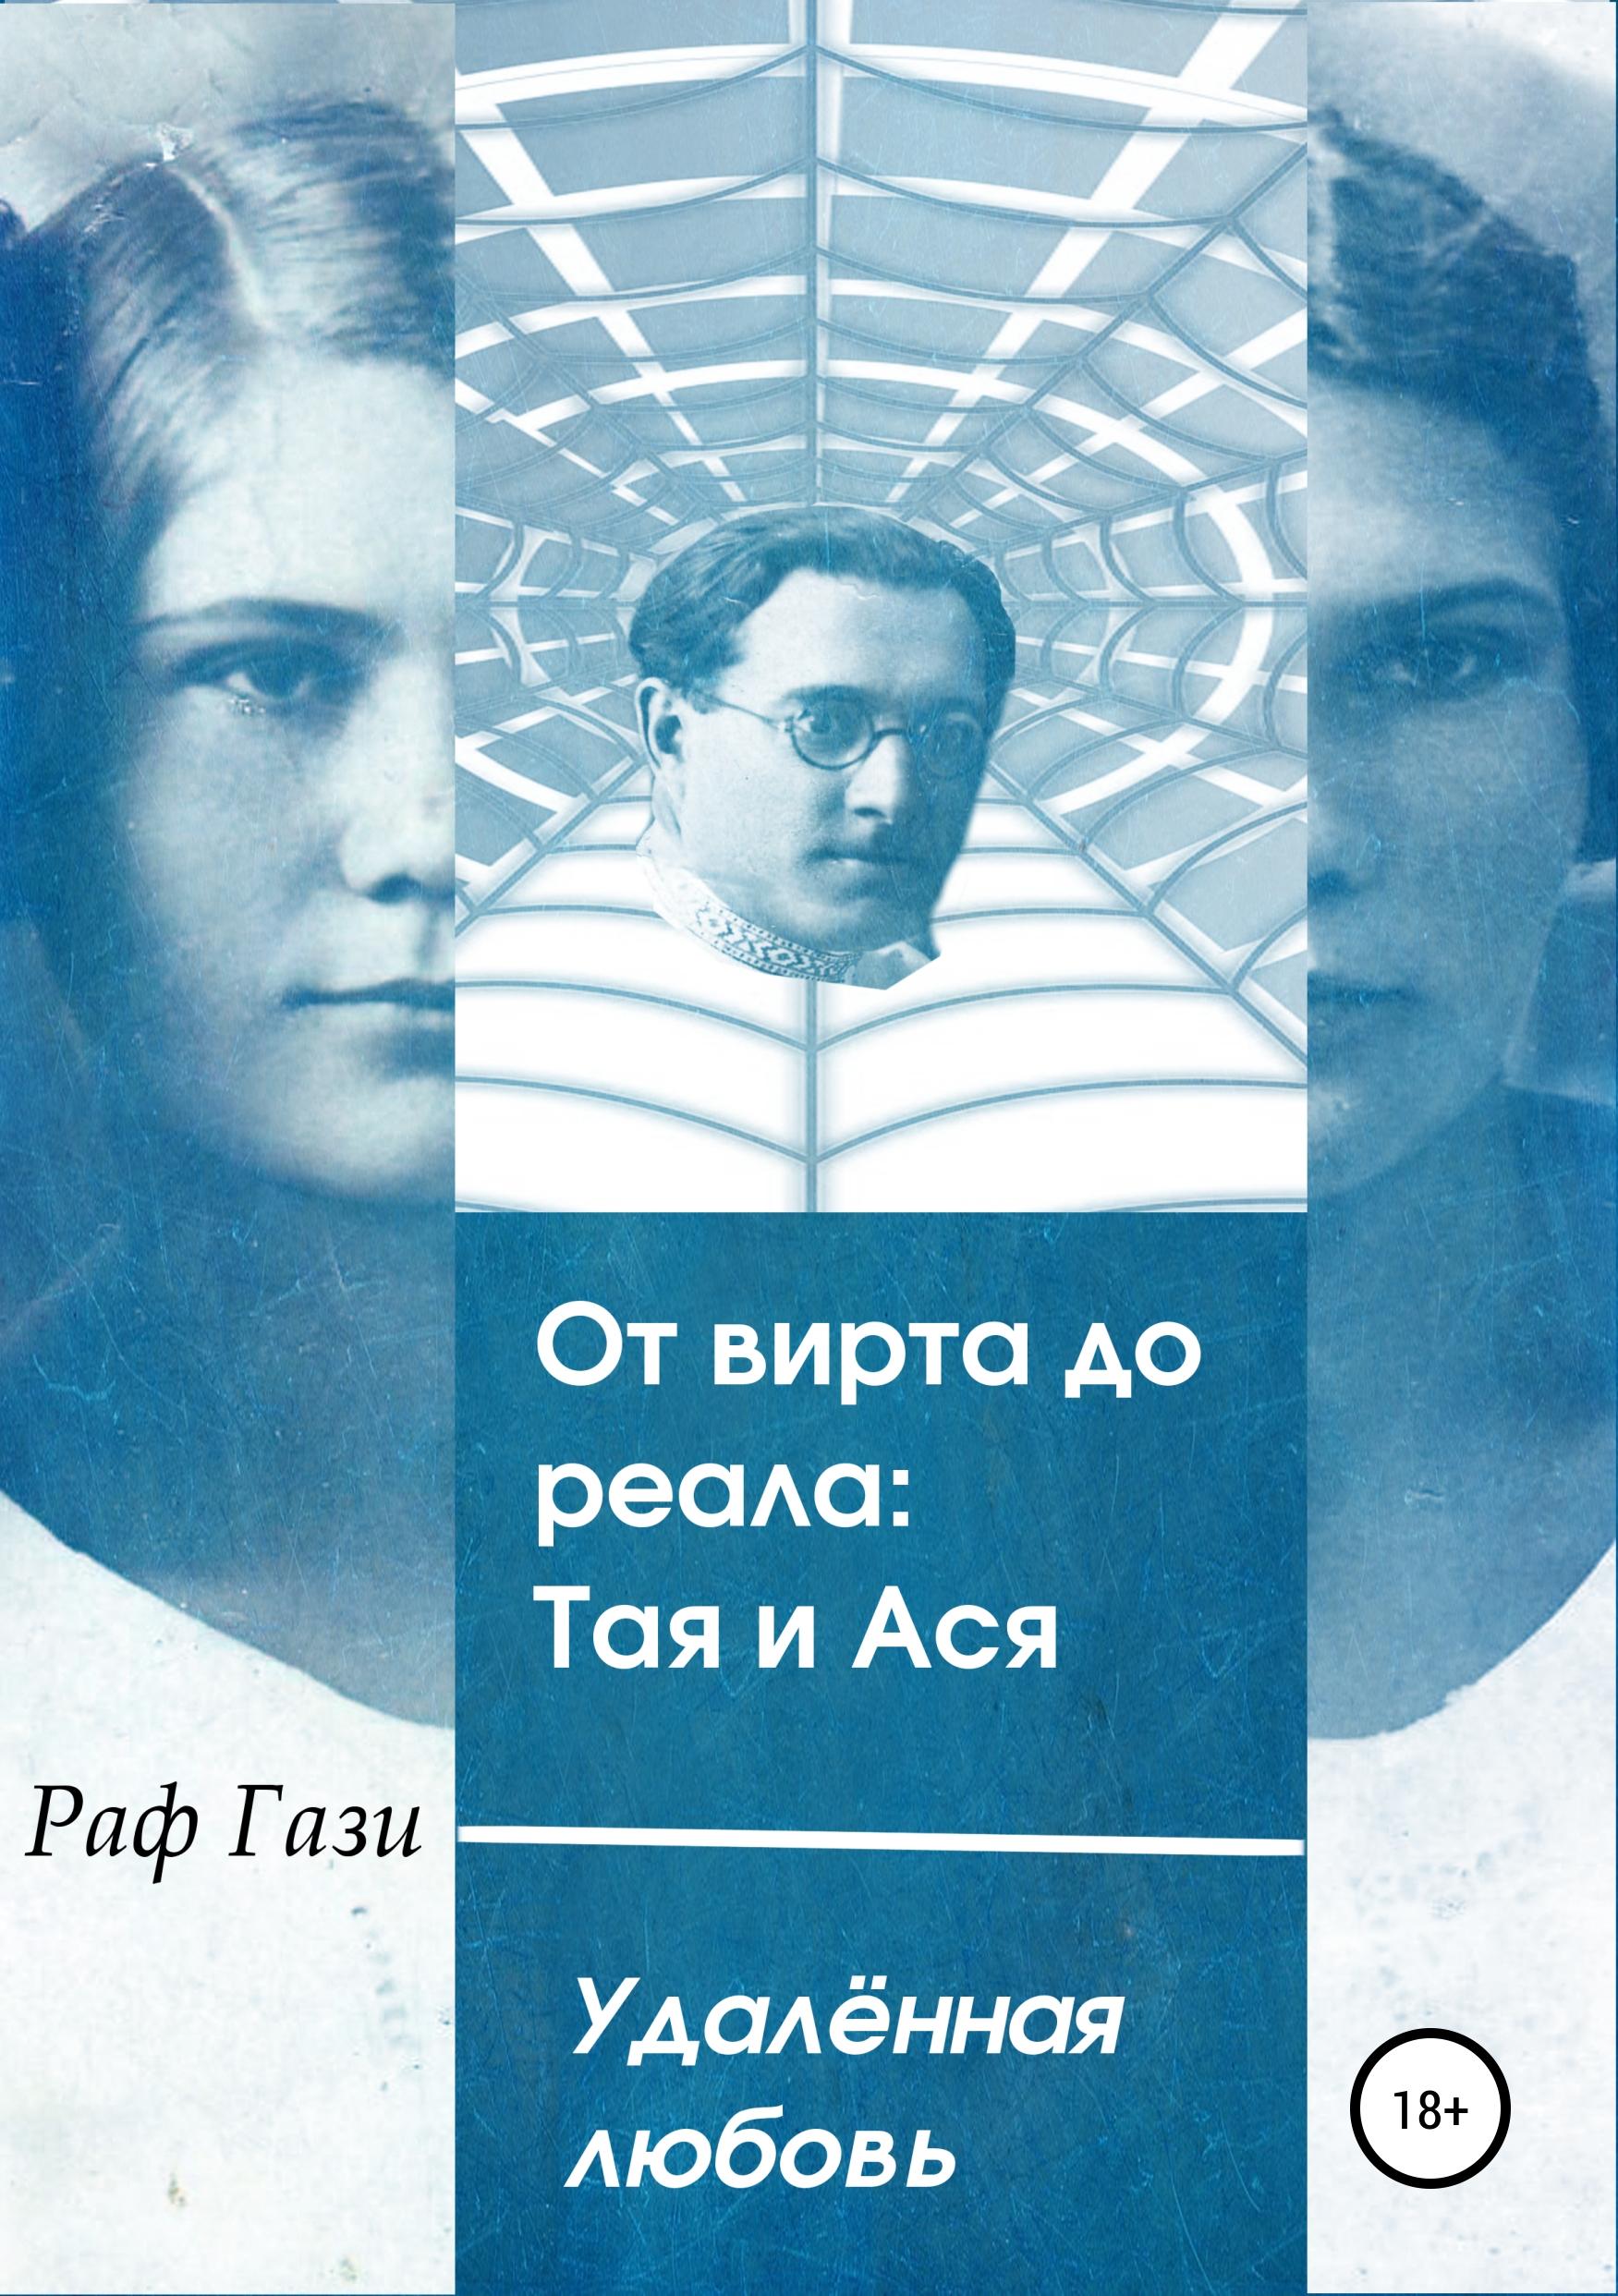 Купить книгу От вирта до реала: Тая и Ася, автора Рафа Гази